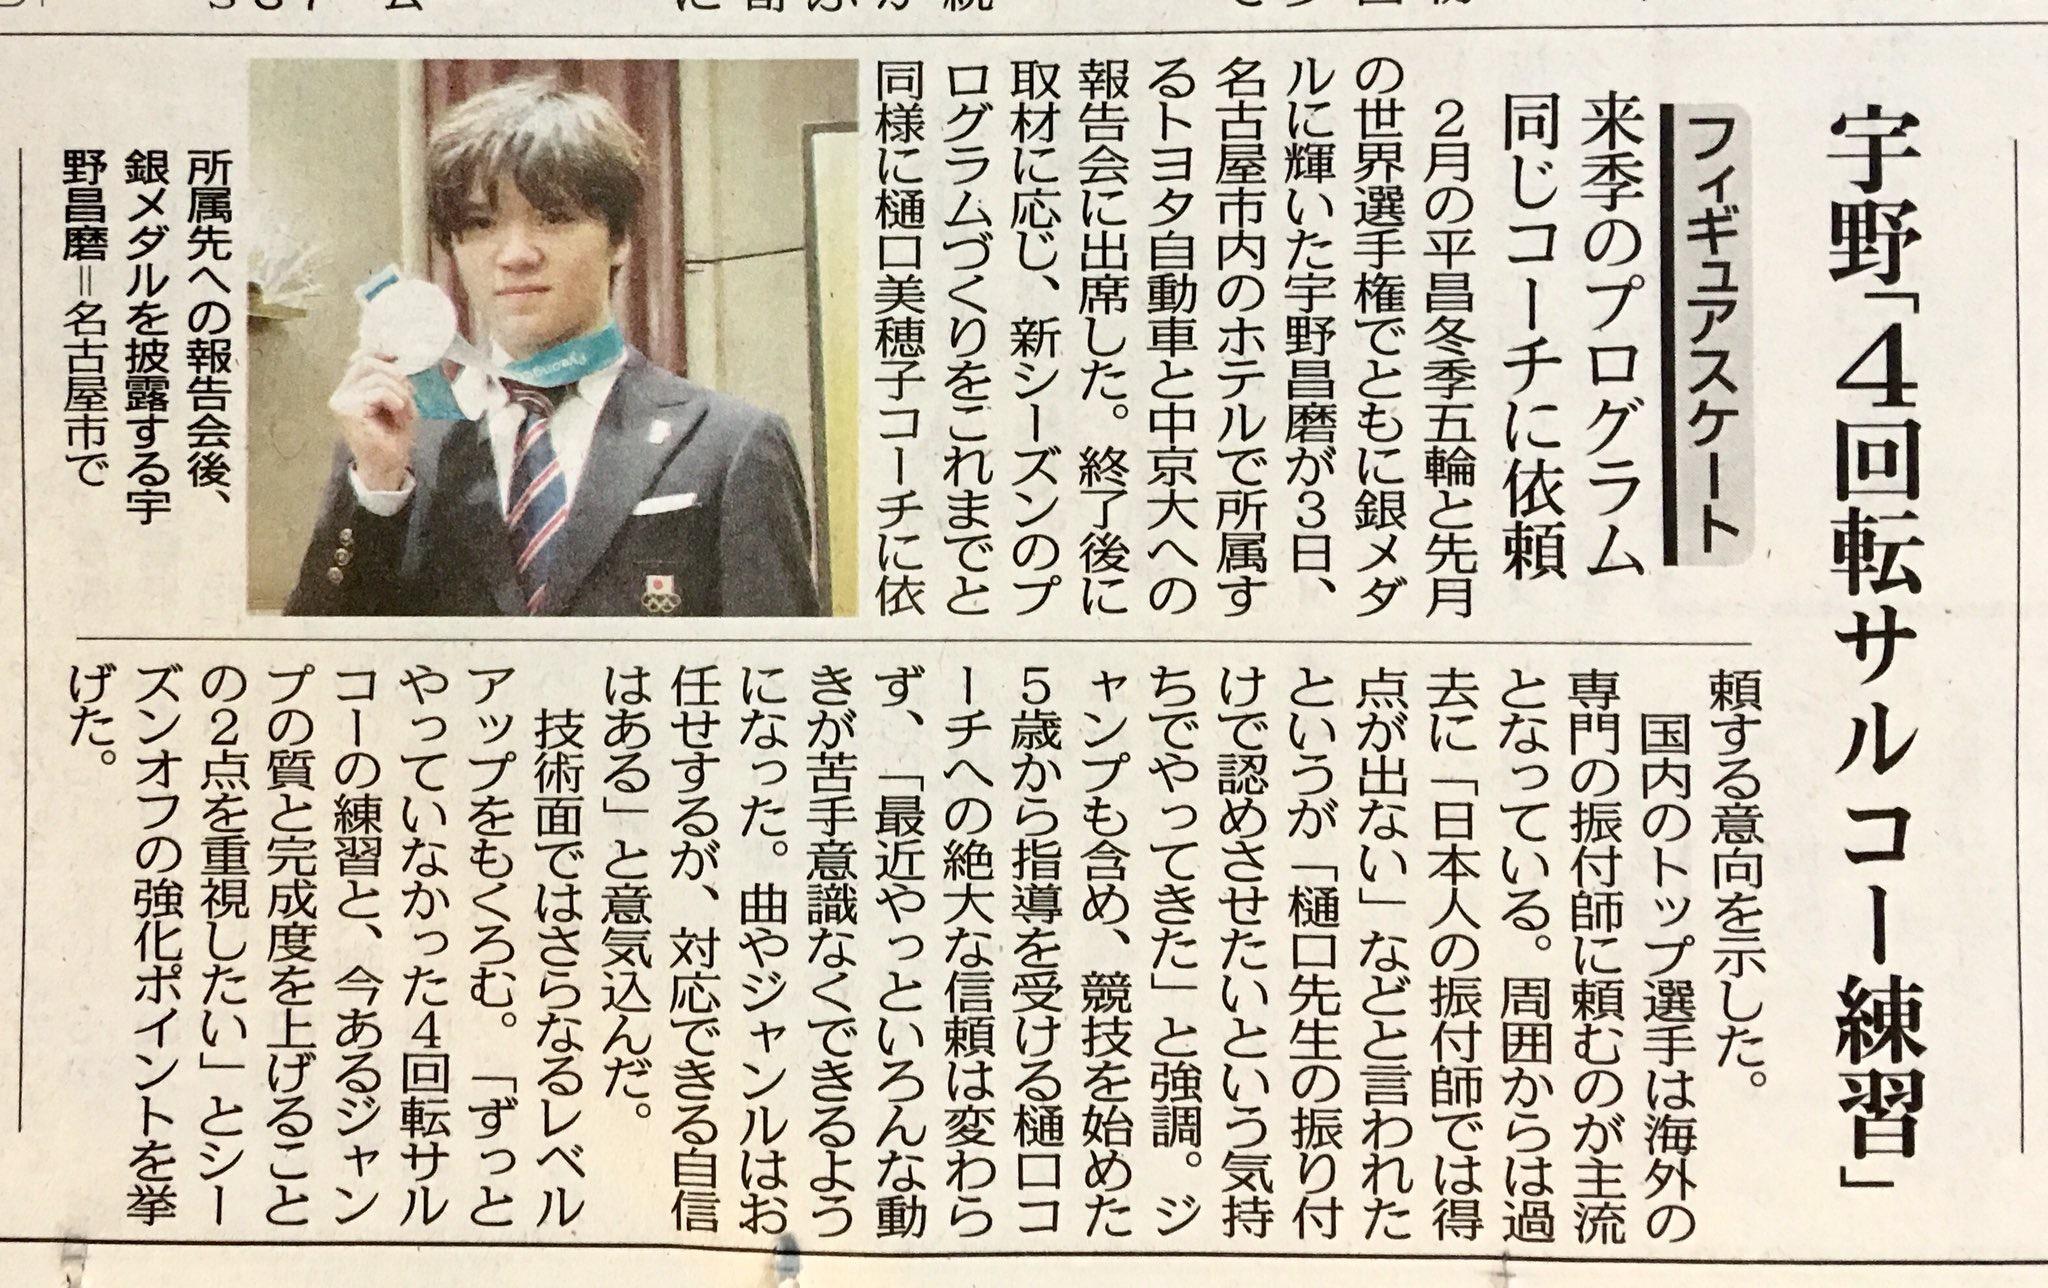 宇野昌磨「美穂子先生の振付で結果を出したい!」